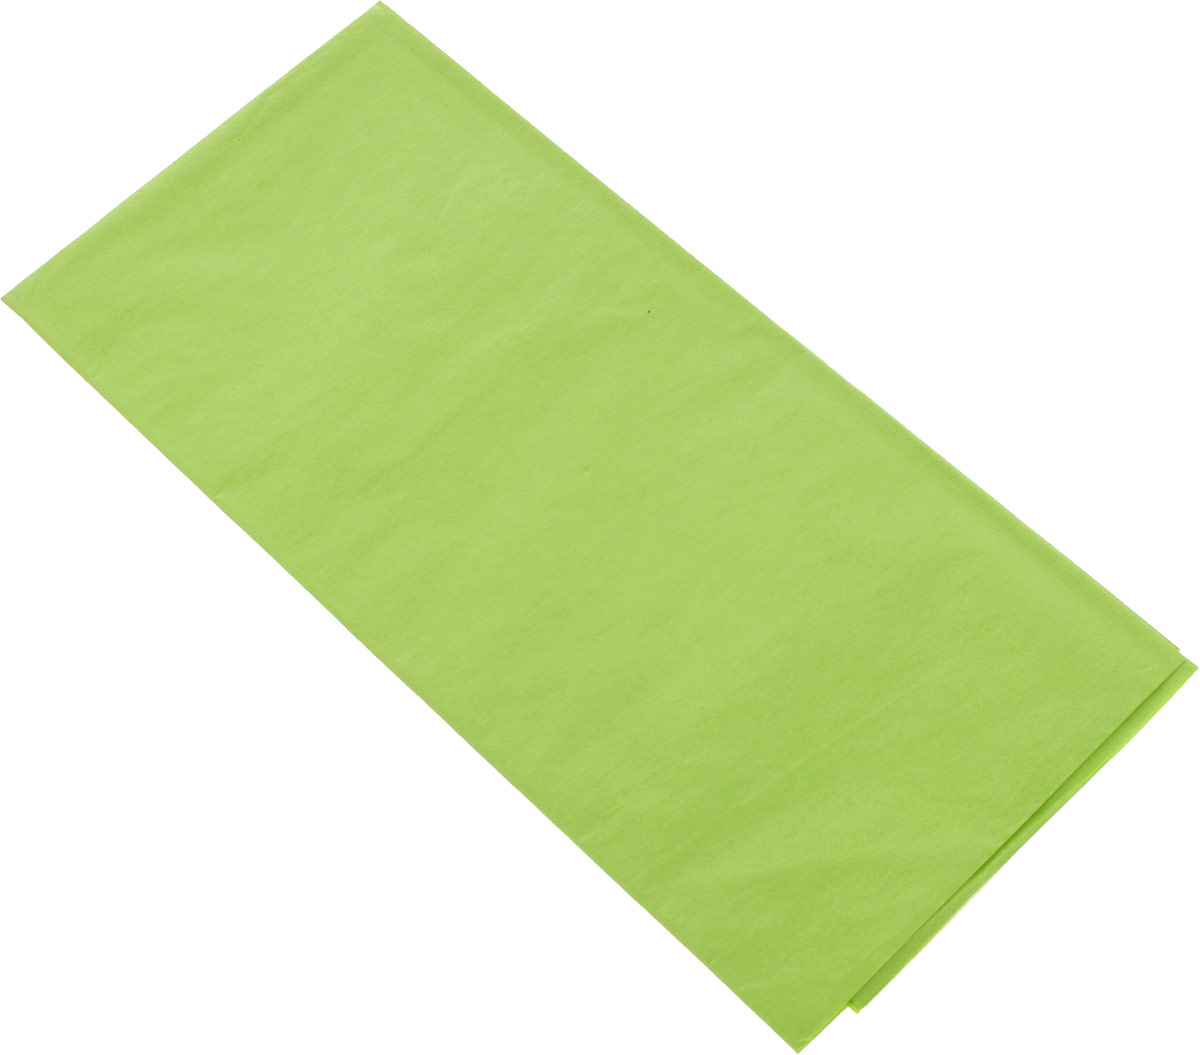 Бумага тишью Hobby and You, цвет: зеленый, 50 х 70 см, 3 листа583491Бумага тишью Hobby and You - это тонкая, нежная и привлекательная декоративная бумага. Она производится из беленой сульфатной целлюлозы, получаемой из древесины деревьев хвойных пород. Бумага тишью Hobby and You идеально подходит для стильного оформления подарков и для создания помпонов, цветов, гирлянд и другого декора.Такой упаковочный элемент прекрасно дополнит любую упаковку и сделает ее яркой и праздничной.Размер бумаги тишью: 50 х 70 см.